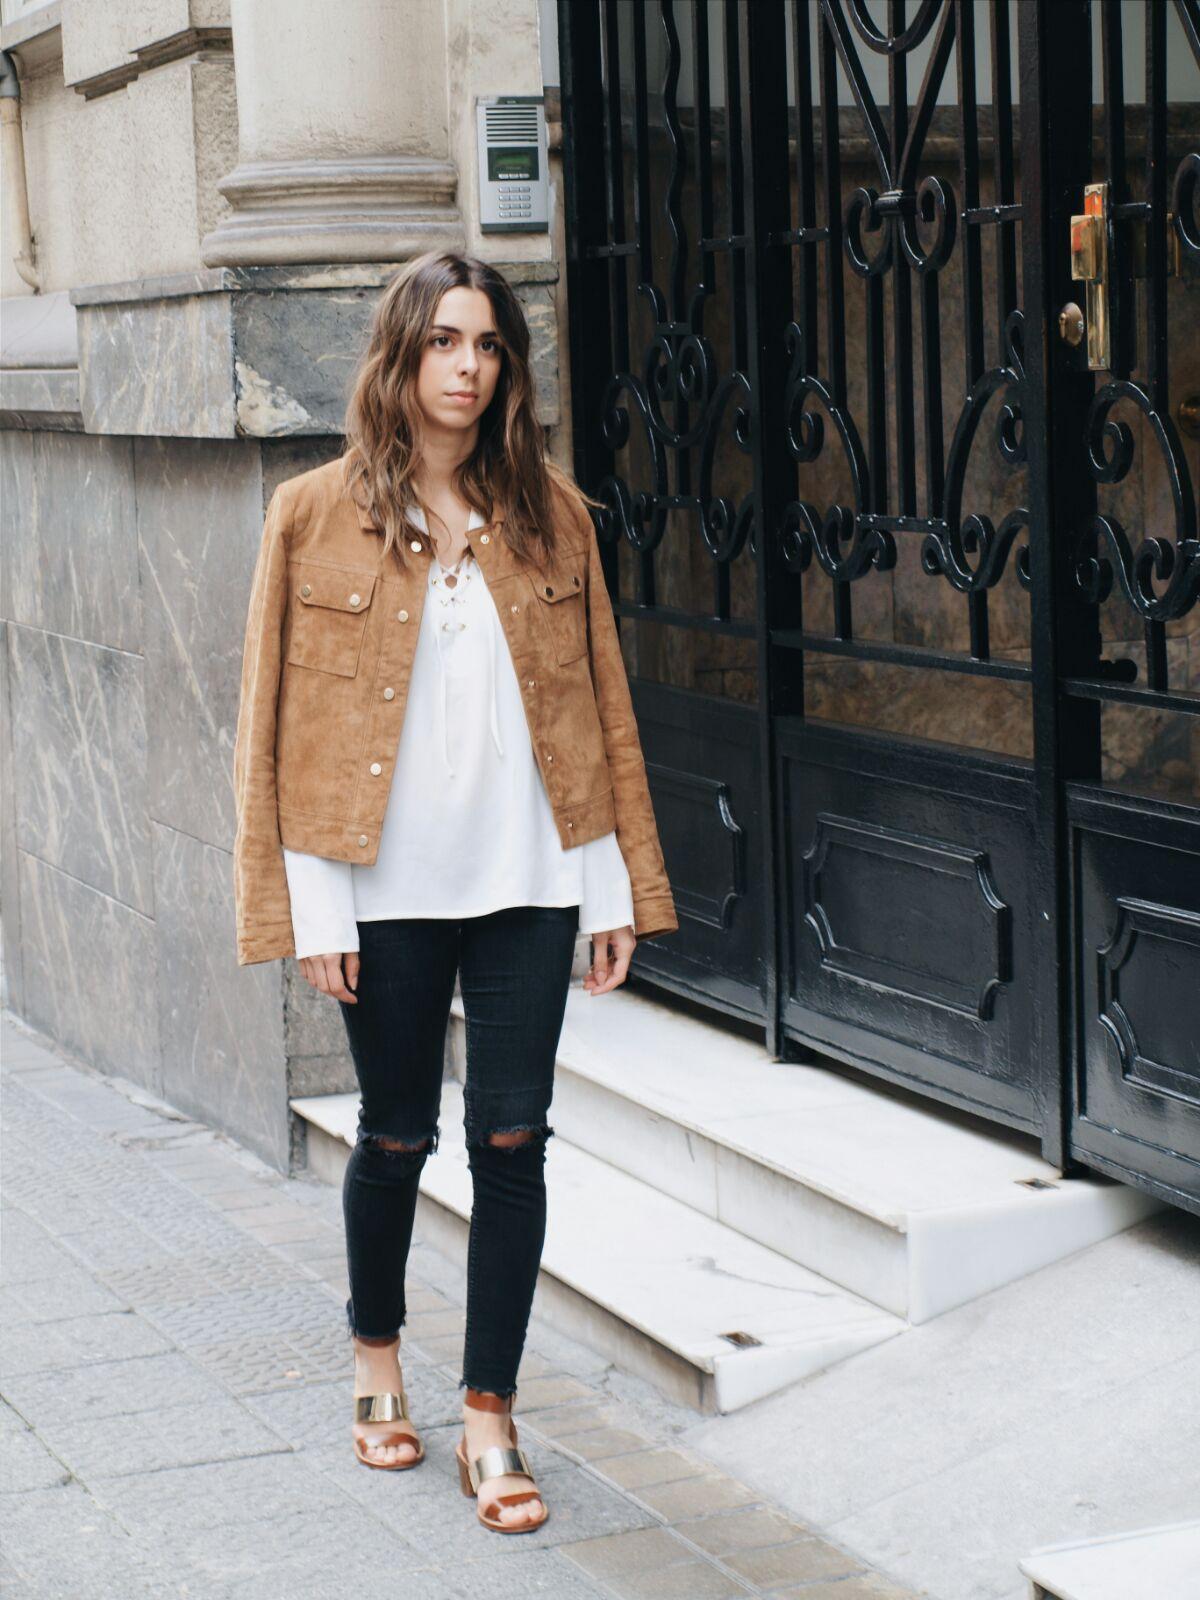 coastalandco-blog-blogger-bilbao-moda-fashion-girl-suede-style-lifestyle-hendaye 2